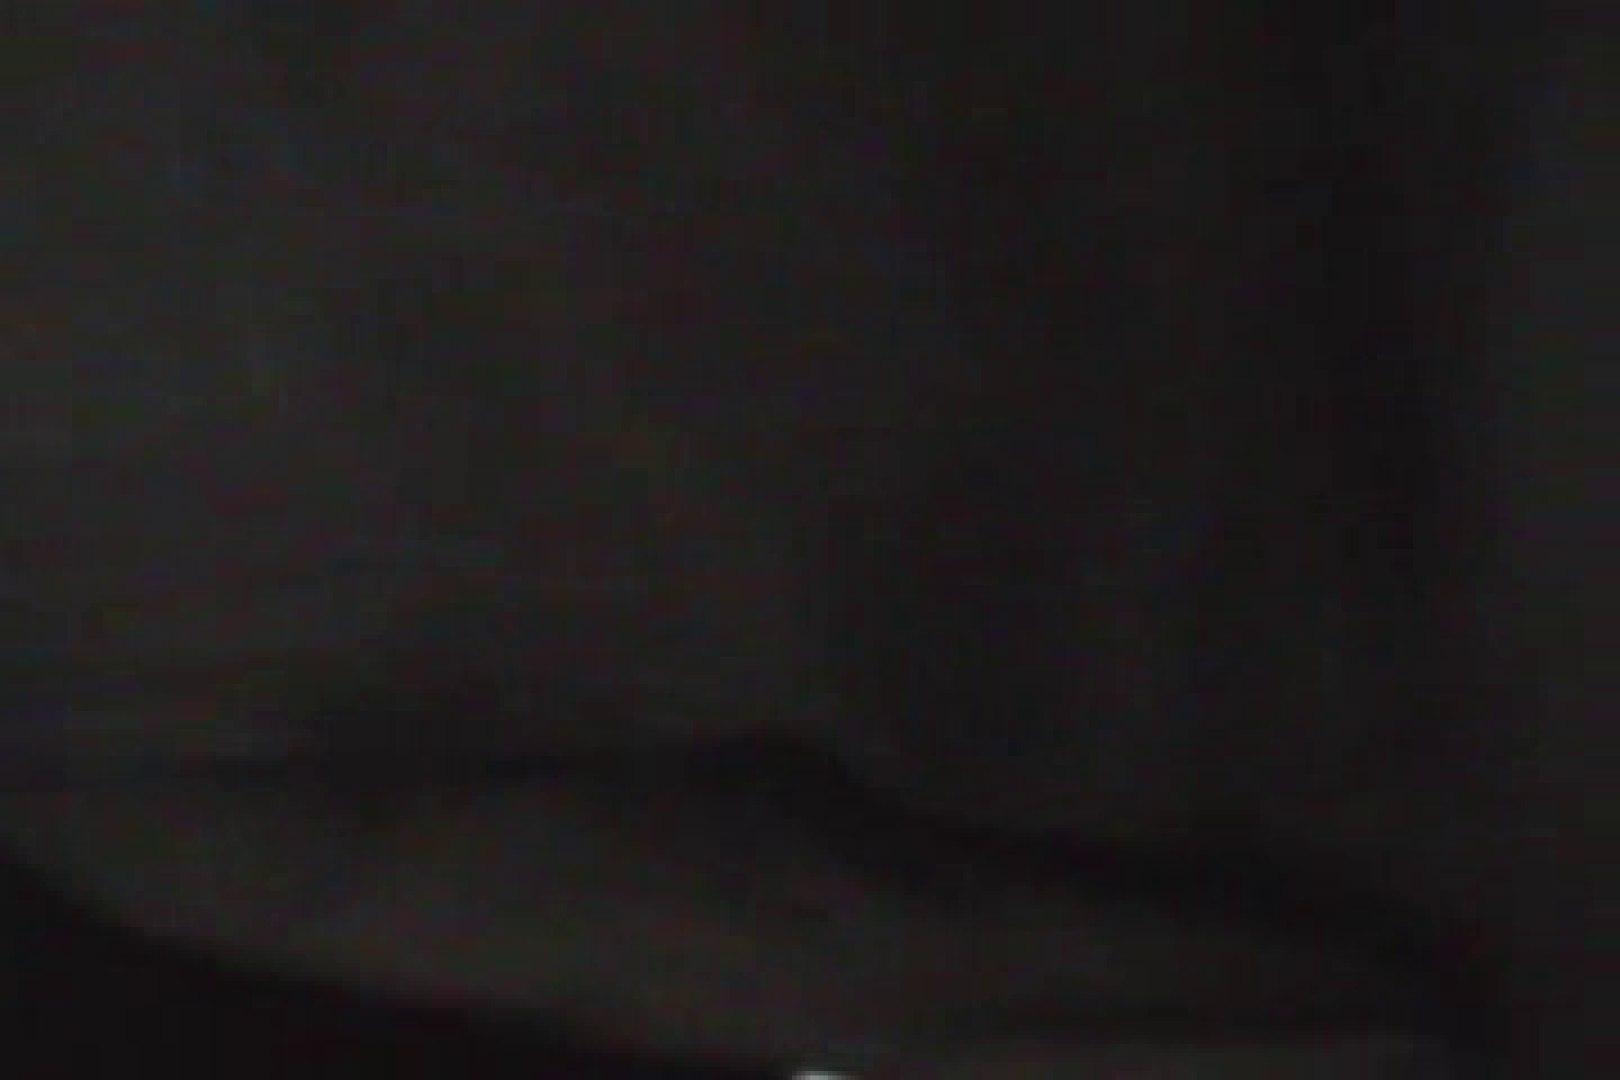 【個人買取】潜入!!もぎ撮り悪戯一本勝負!!vol.12 イケメンたち ゲイ無修正ビデオ画像 96pic 27